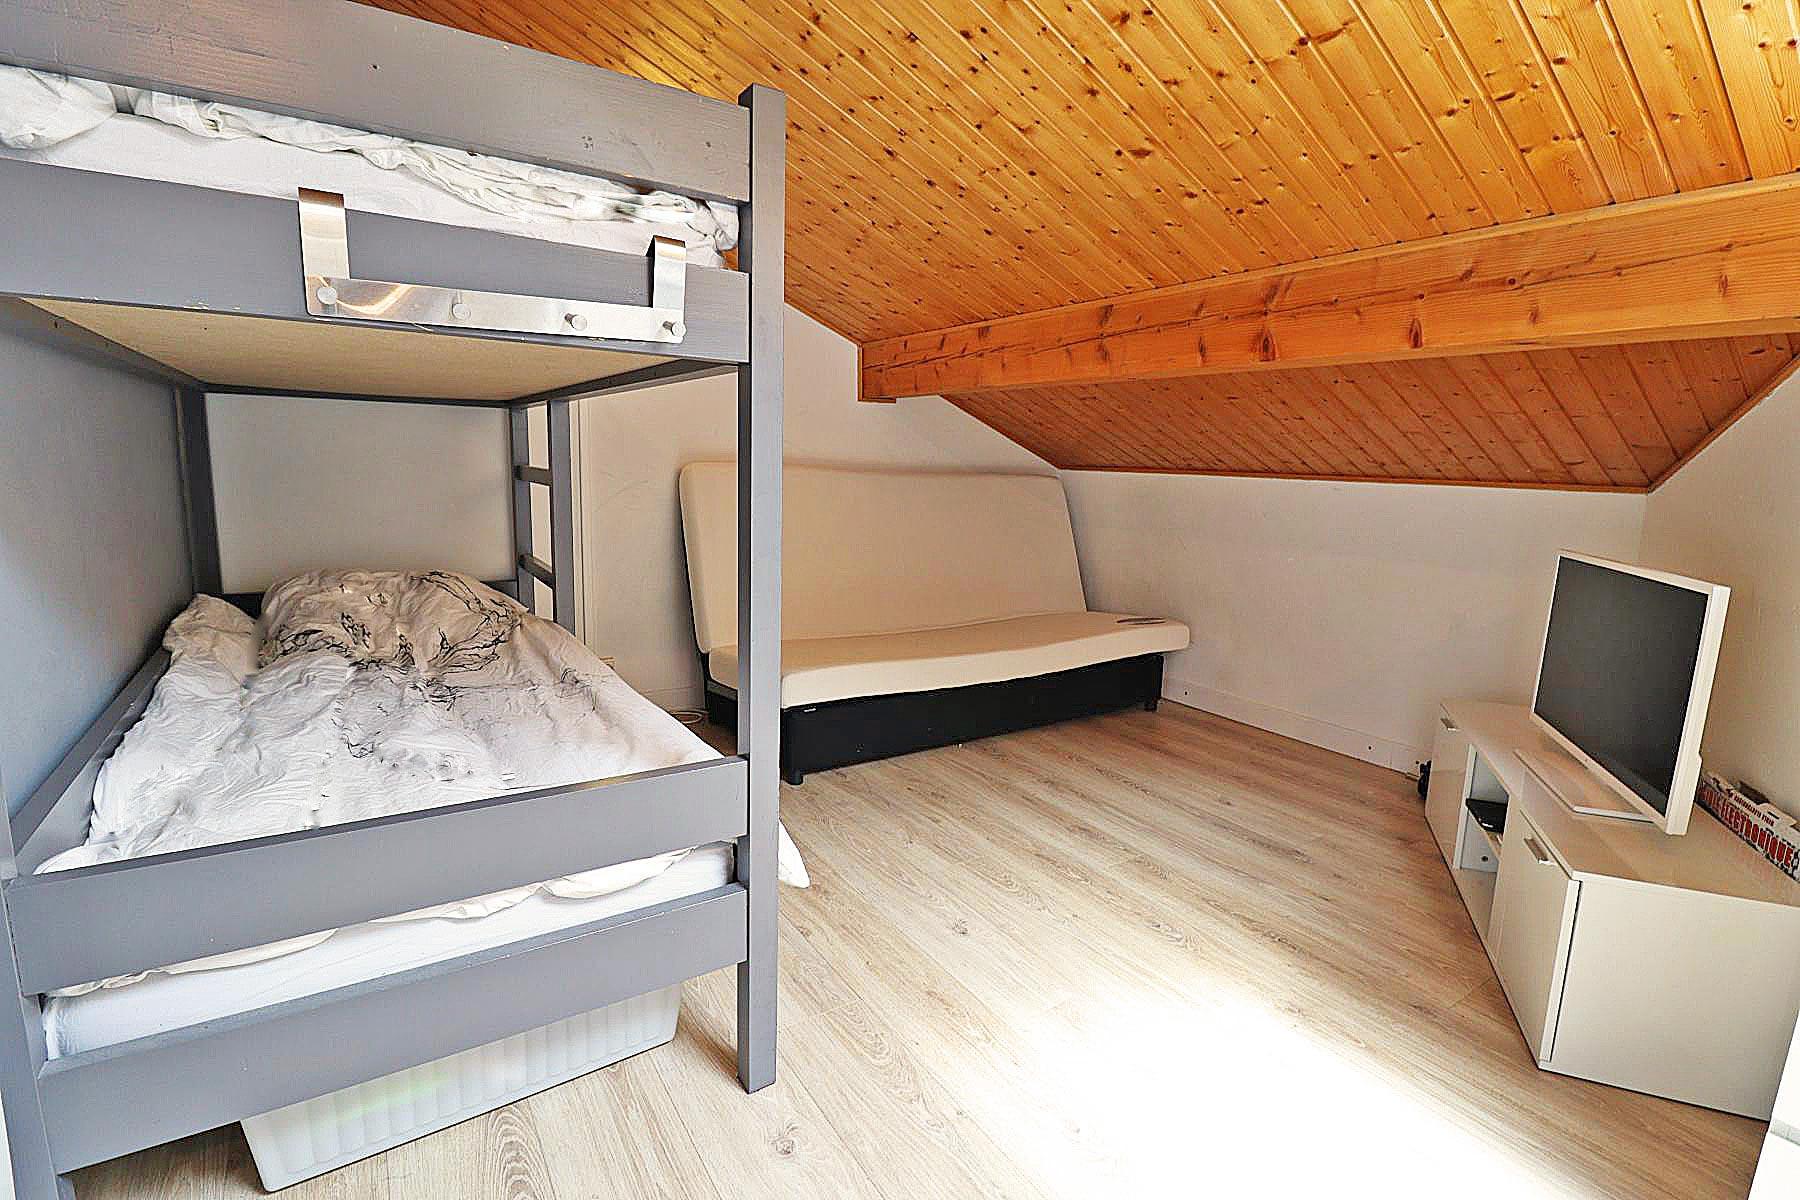 Duplex Clos Appt 821 Bunk Bedroom